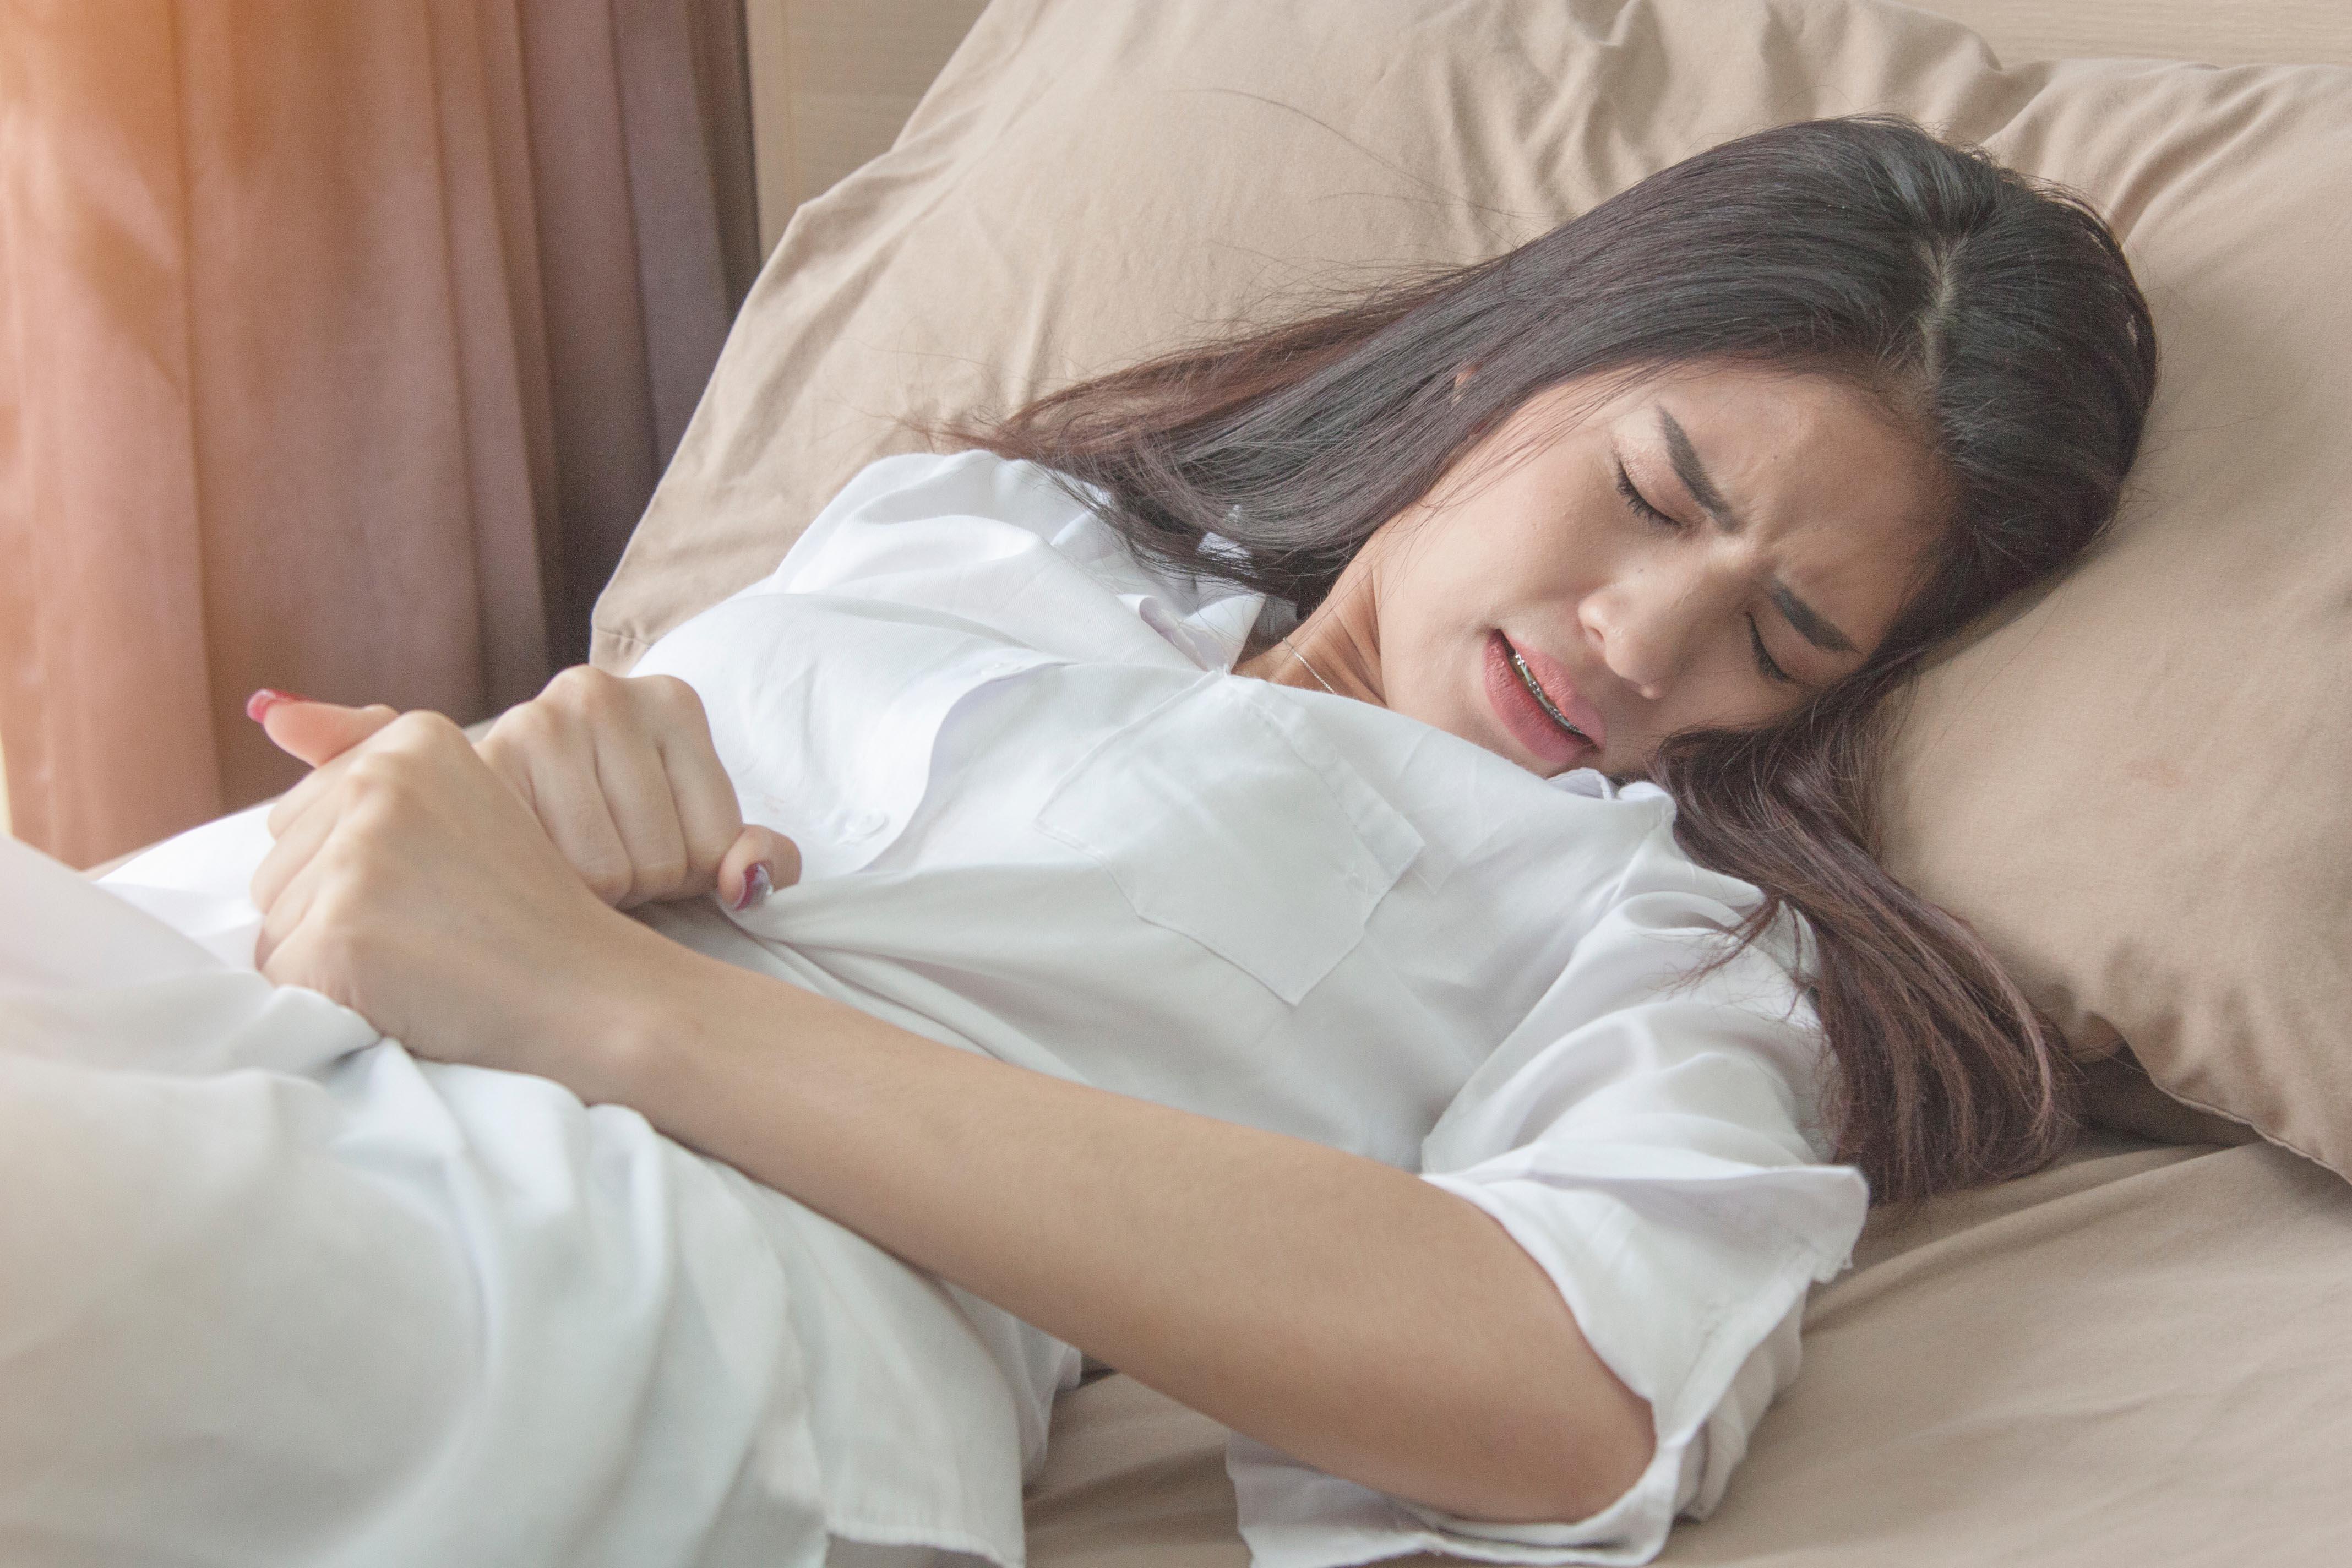 睡覺時肌肉急速而不自主的抽搐